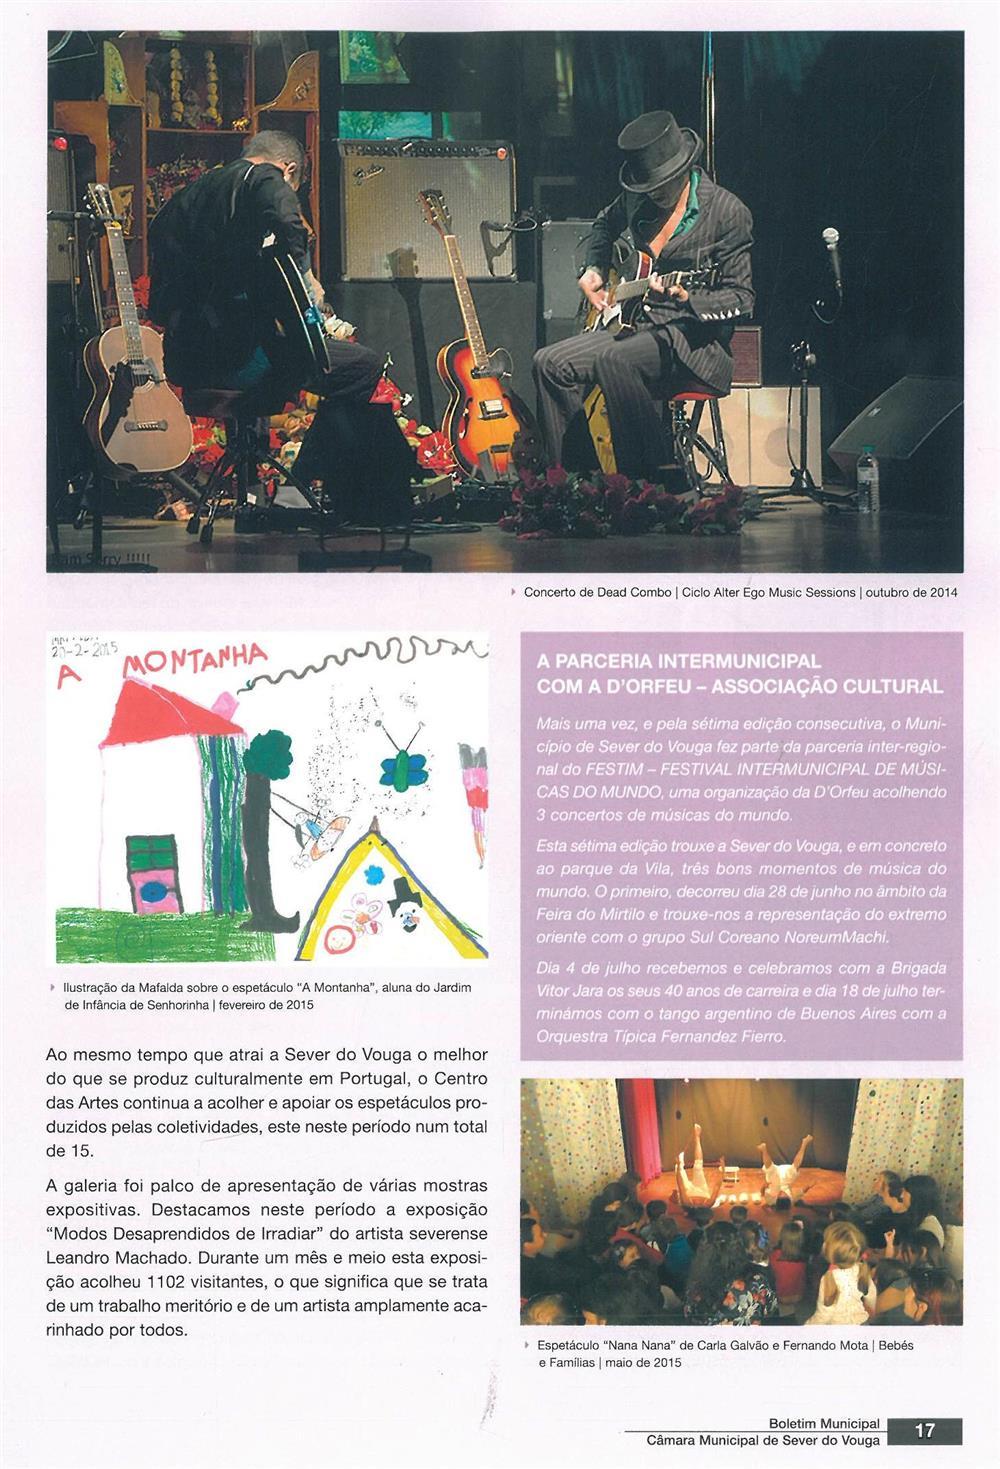 BoletimMunicipal-n.º32-nov.'15-p.17-CAE de Sever do Vouga [2.ª parte de duas] : um ano de folgo cultural.jpg